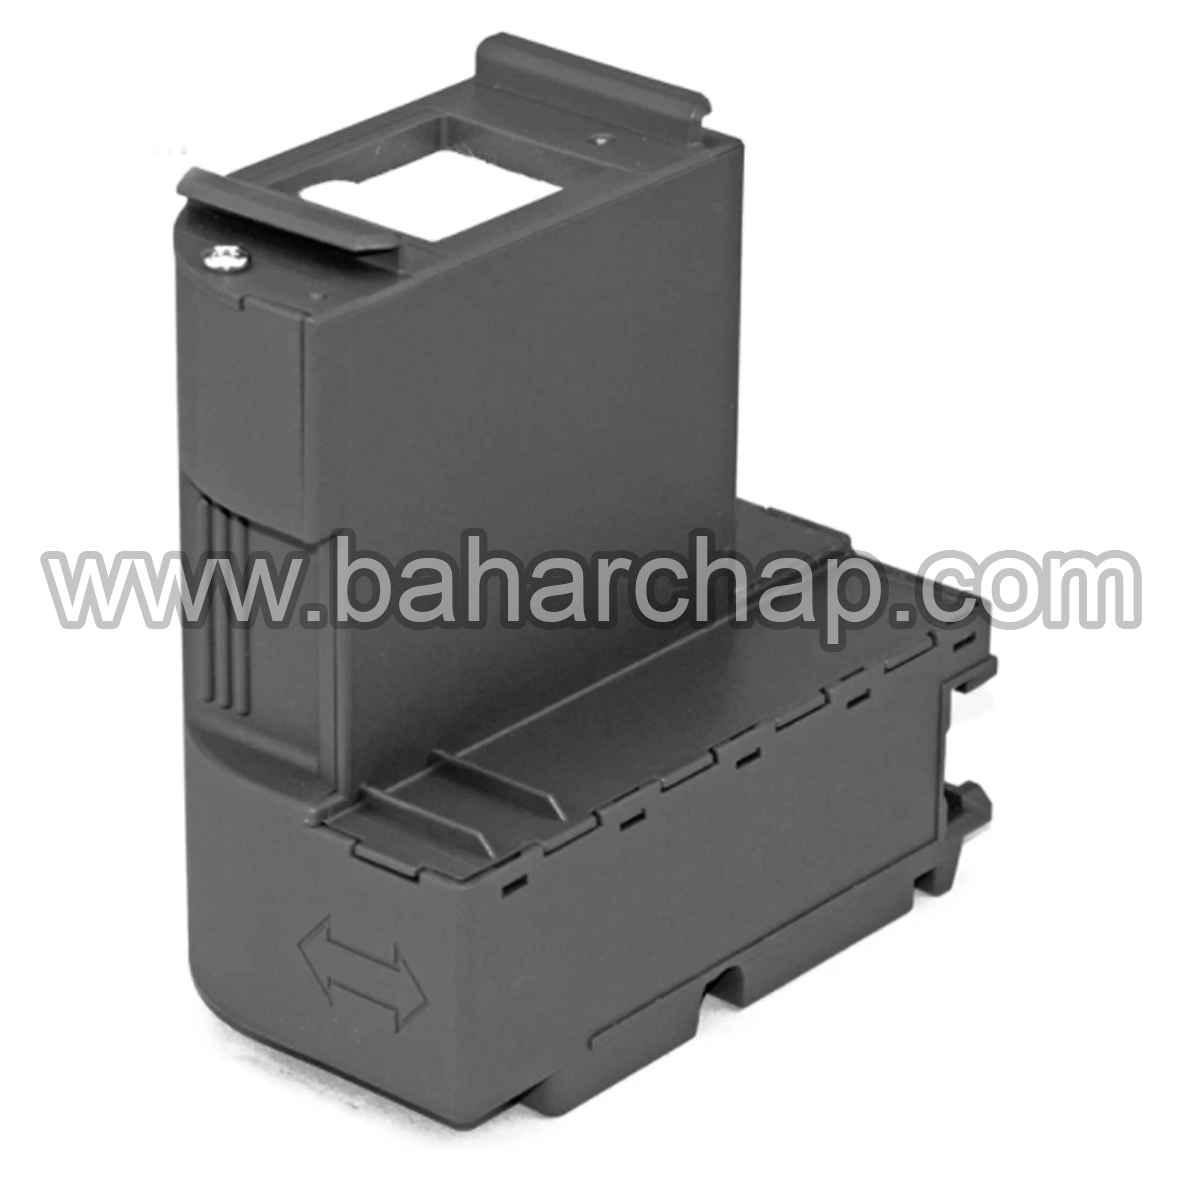 فروشگاه و خدمات اینترنتی بهارچاپ اصفهان-مخزن ضایعات جوهر اپسون C13T04D100-Epson Maintenance Box (C13T04D100)